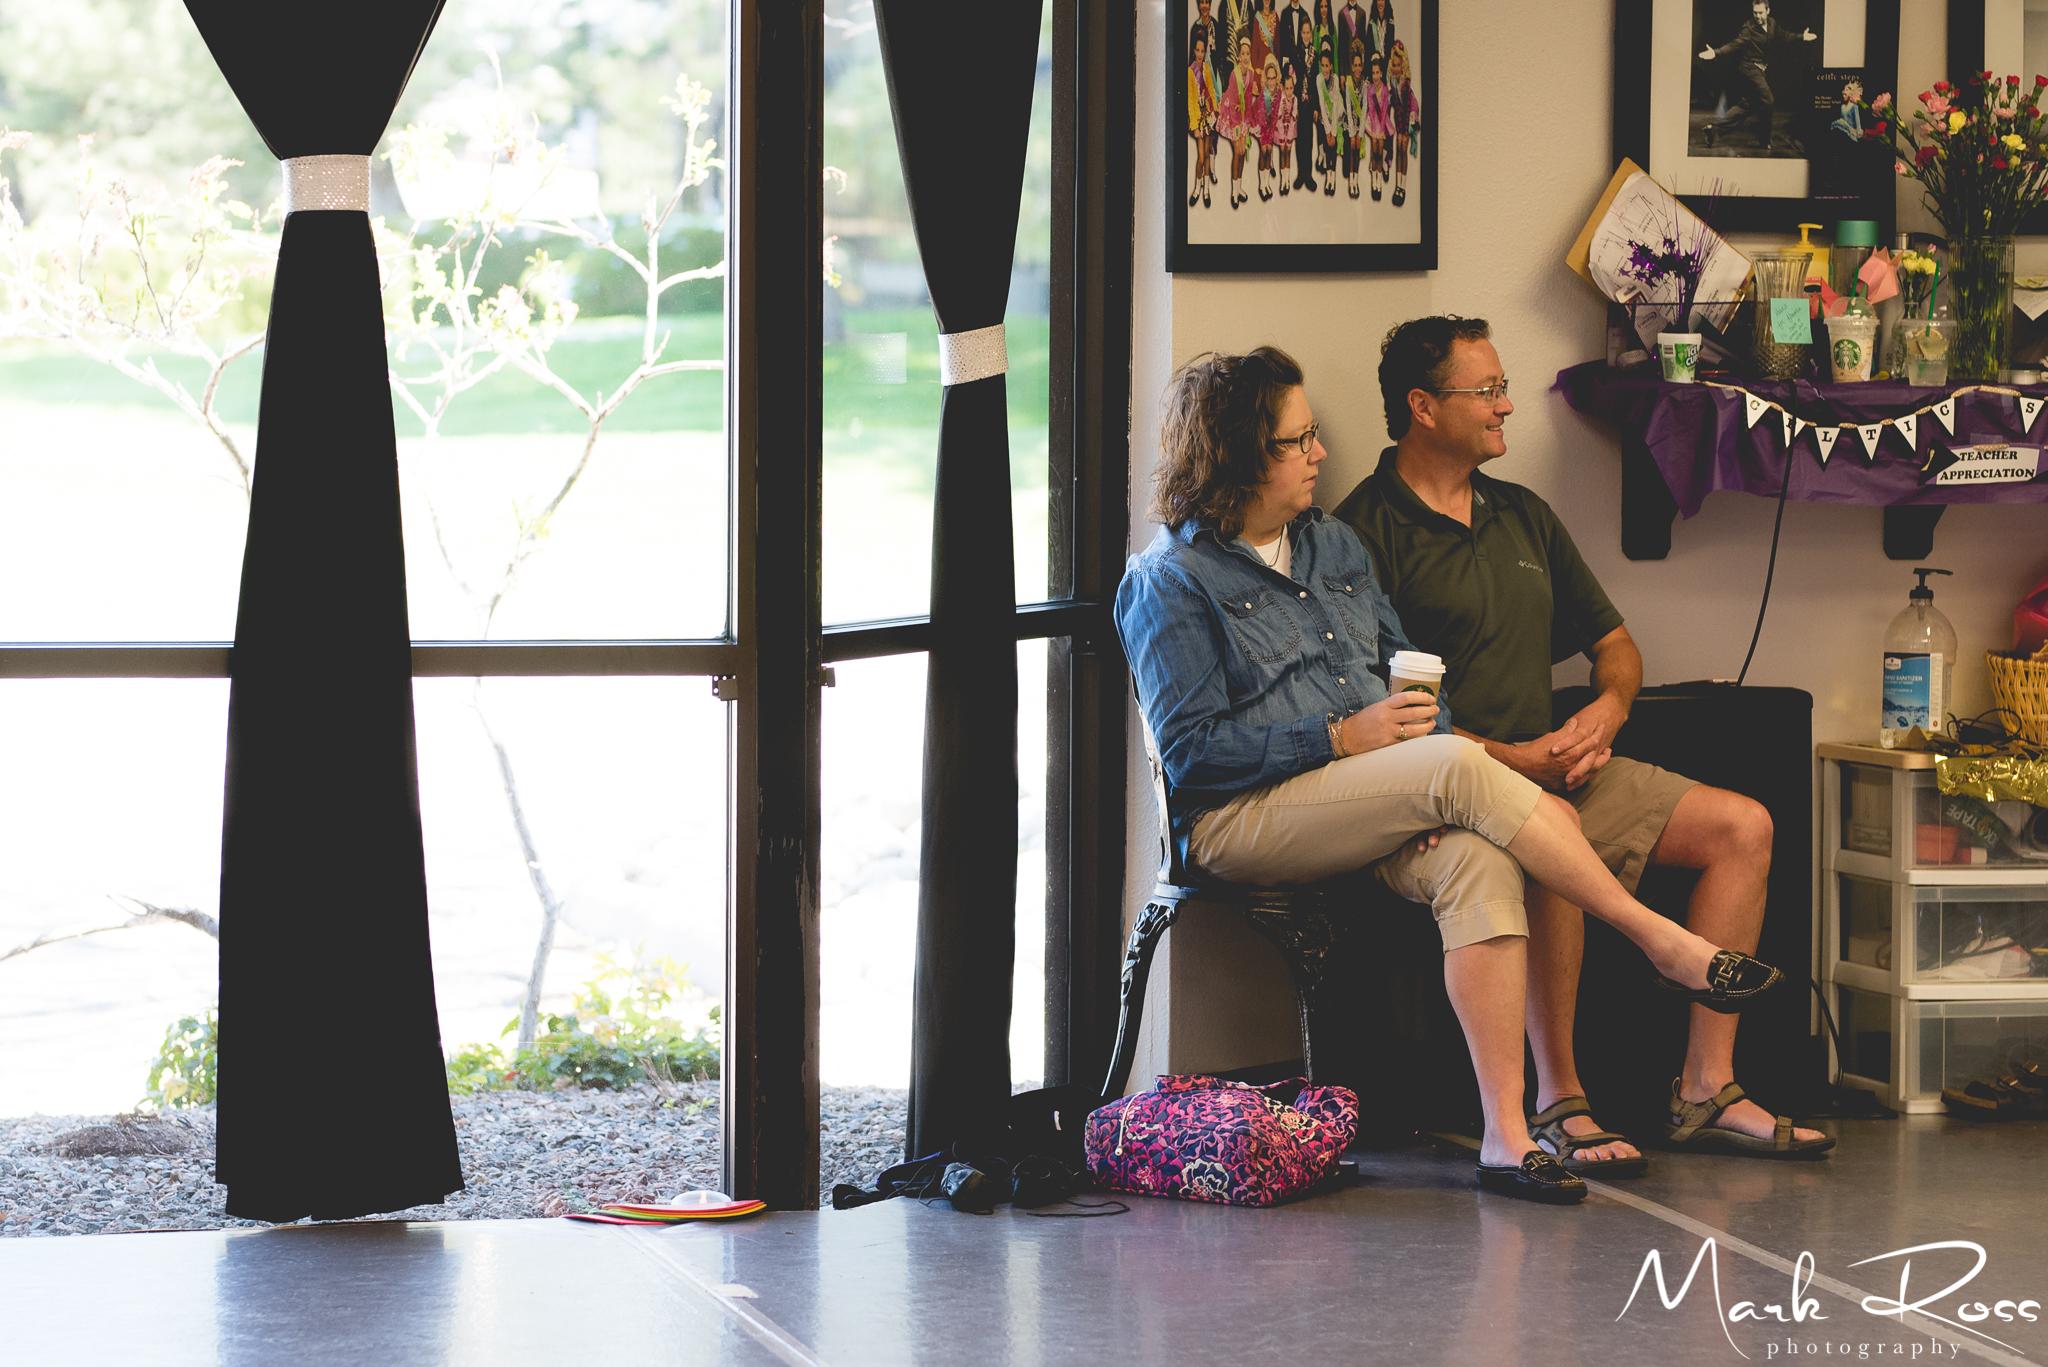 Denver-Family-Photographer-Mark-Ross-Photographer-Ahlstrand-Family-Watermarked-8.jpg